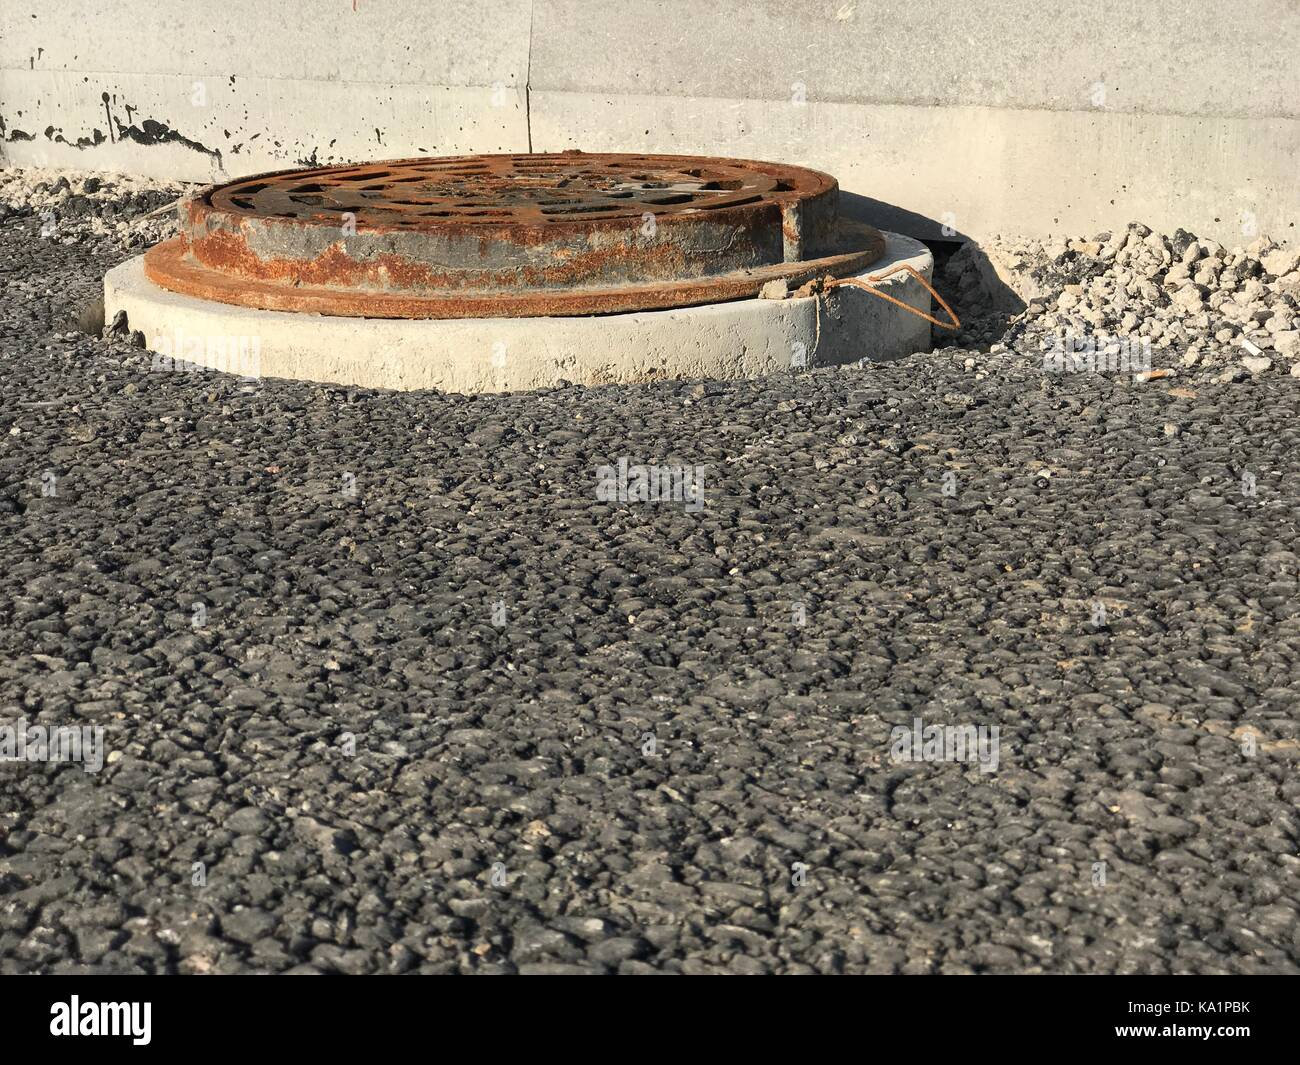 Rusty iron manhole set into asphalt road surfaces - Stock Image